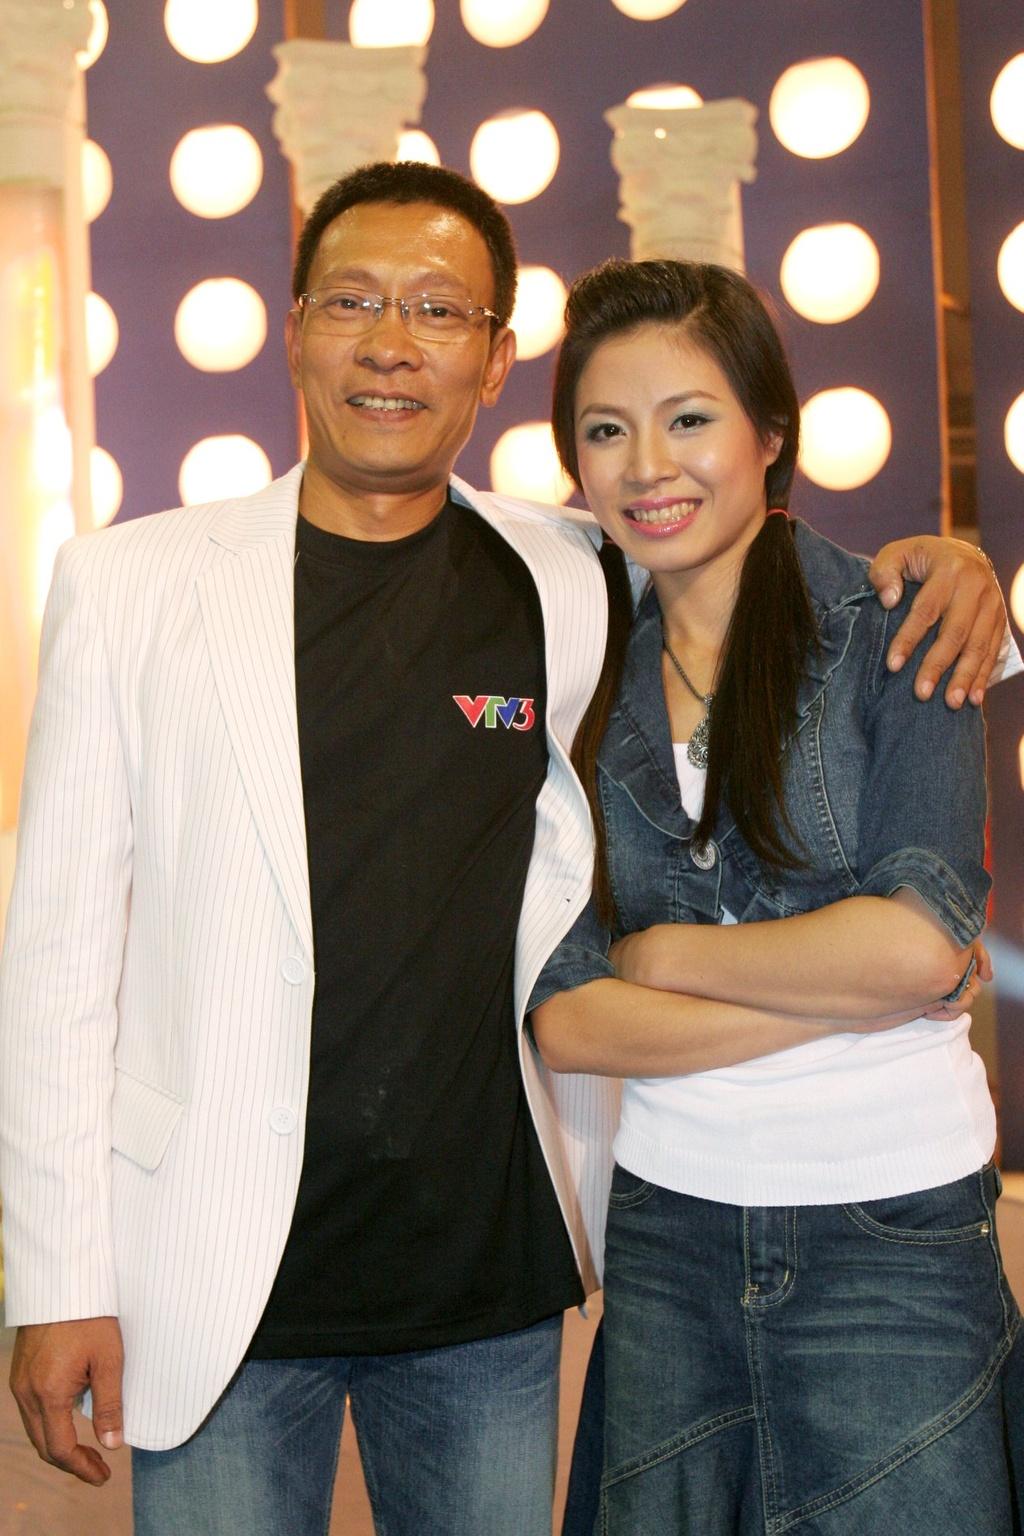 Hinh anh MC Lai Van Sam, Hoang Linh dan Chung toi la chien si tu 2006 hinh anh 5 null